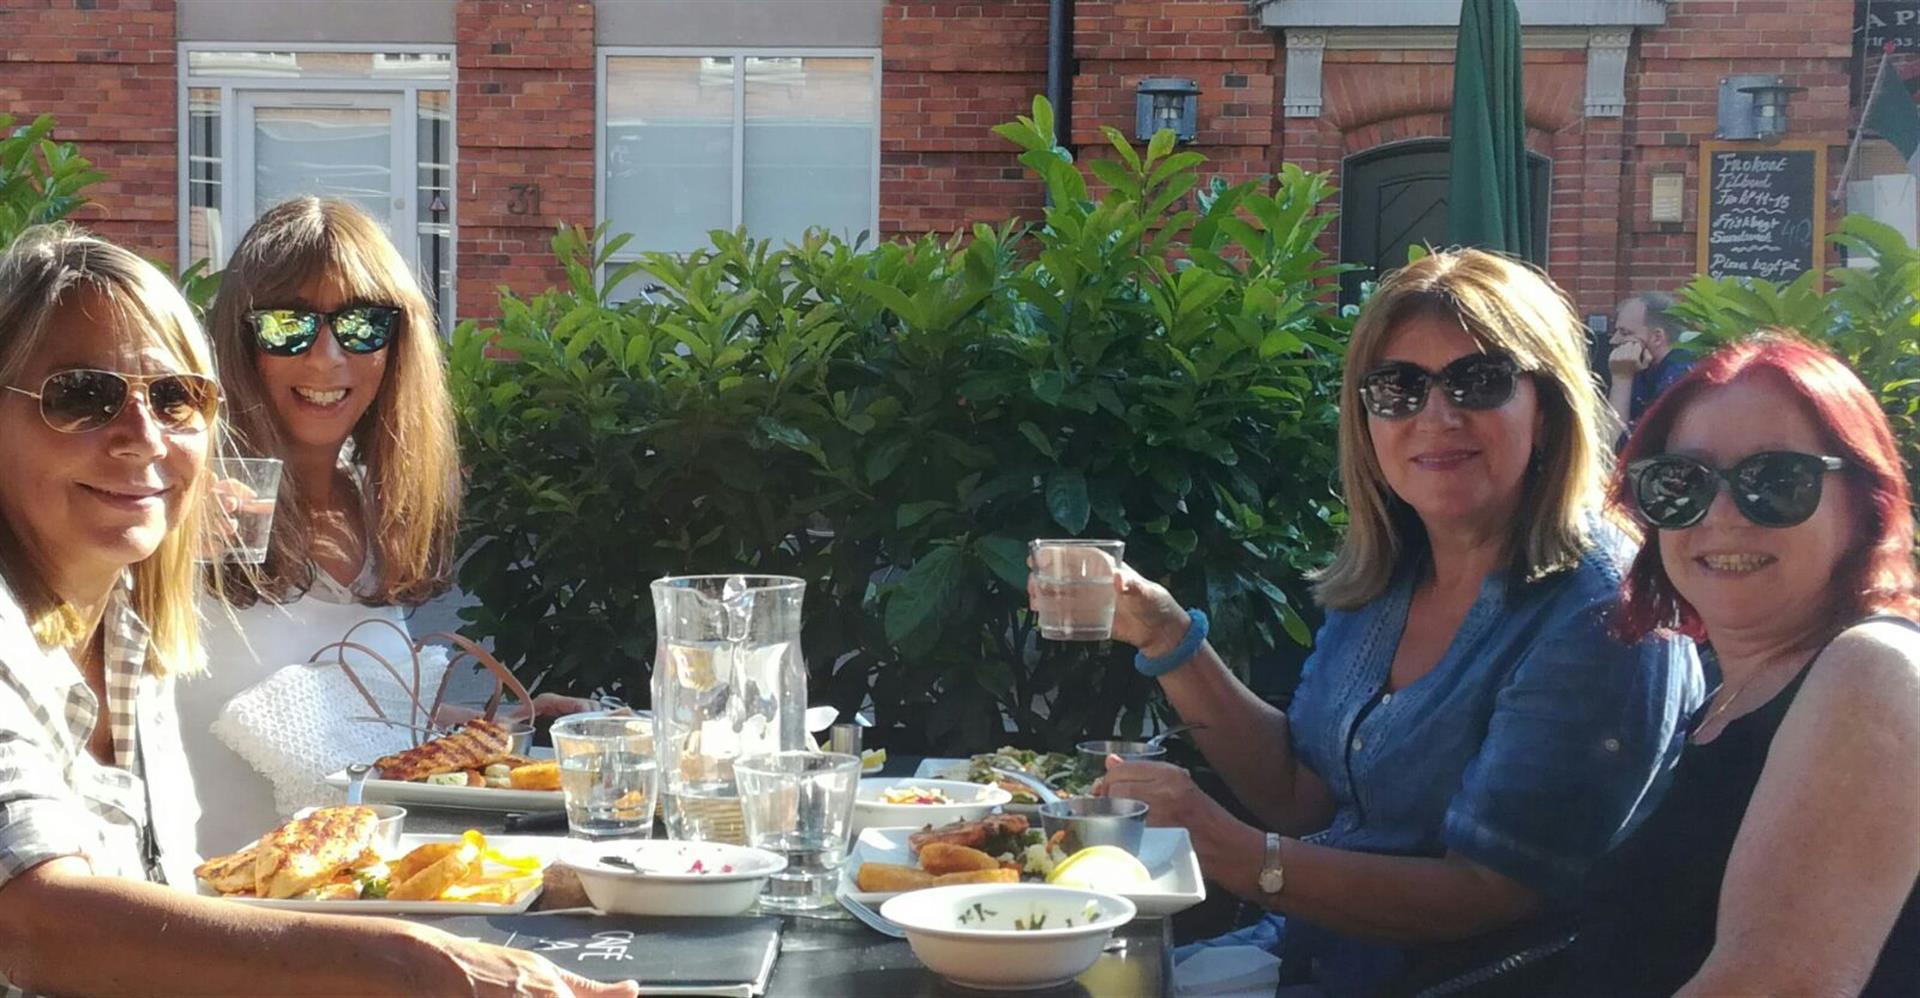 בילוי במסעדה עם ג'ני והחברות מזל ושוש הגרות בקופנהגן